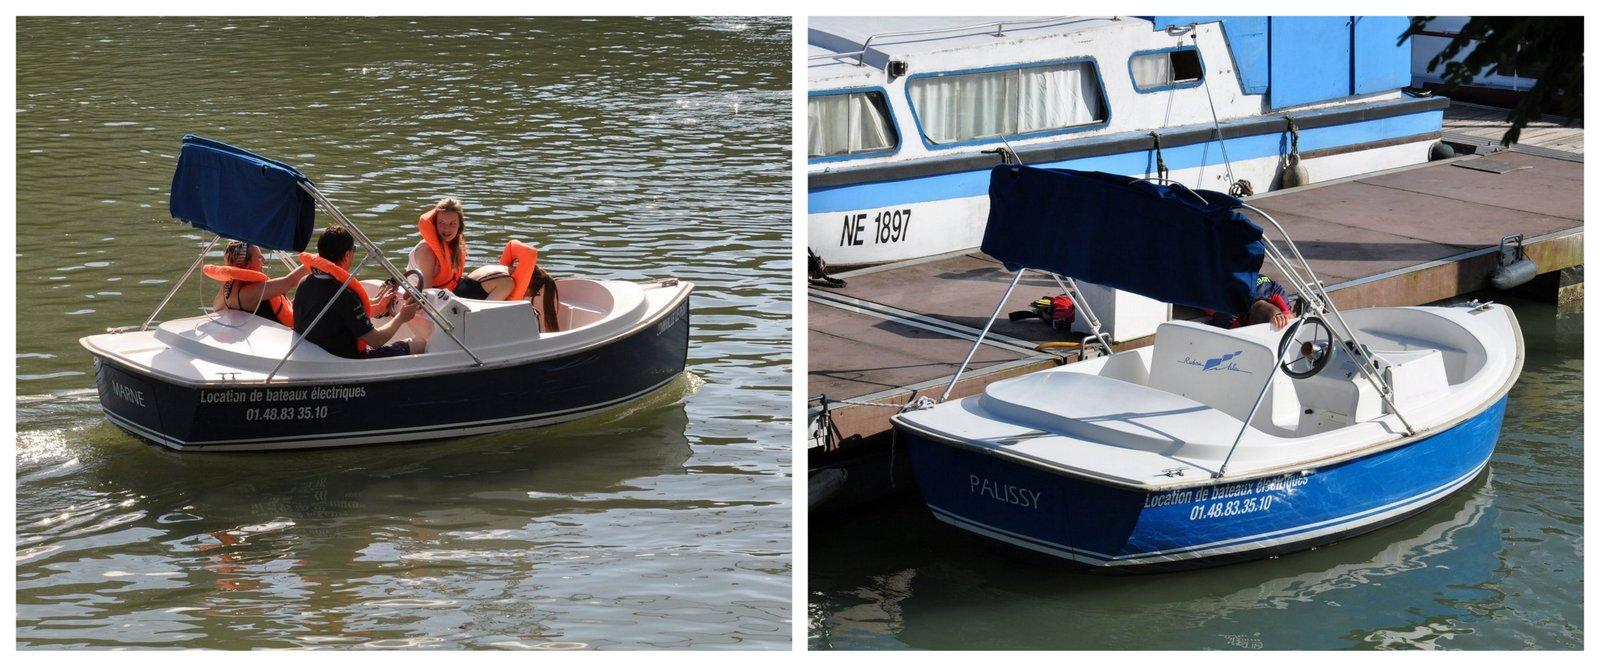 joinville-le-pont-bateaux-electriques